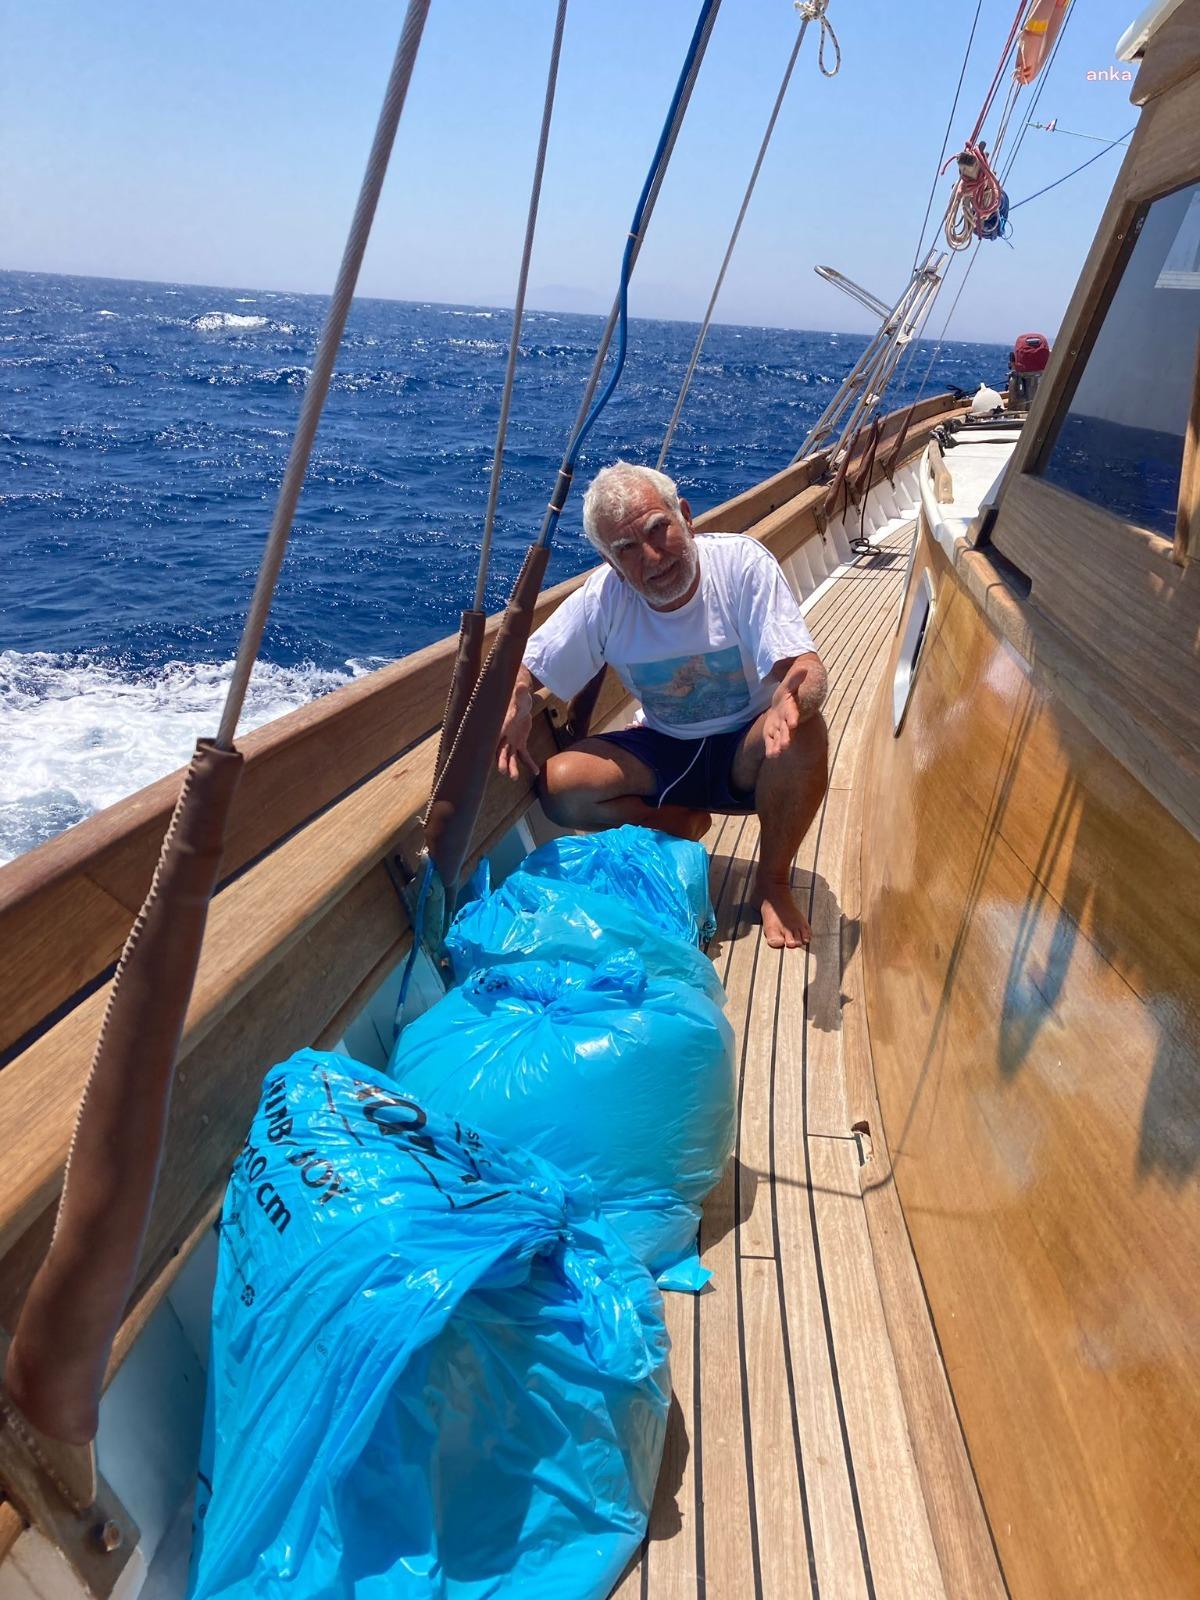 Denizden çöp dolu poşetler toplayan son süngerci: '60 yıllık denizciyim böyle ihanet görmedim'